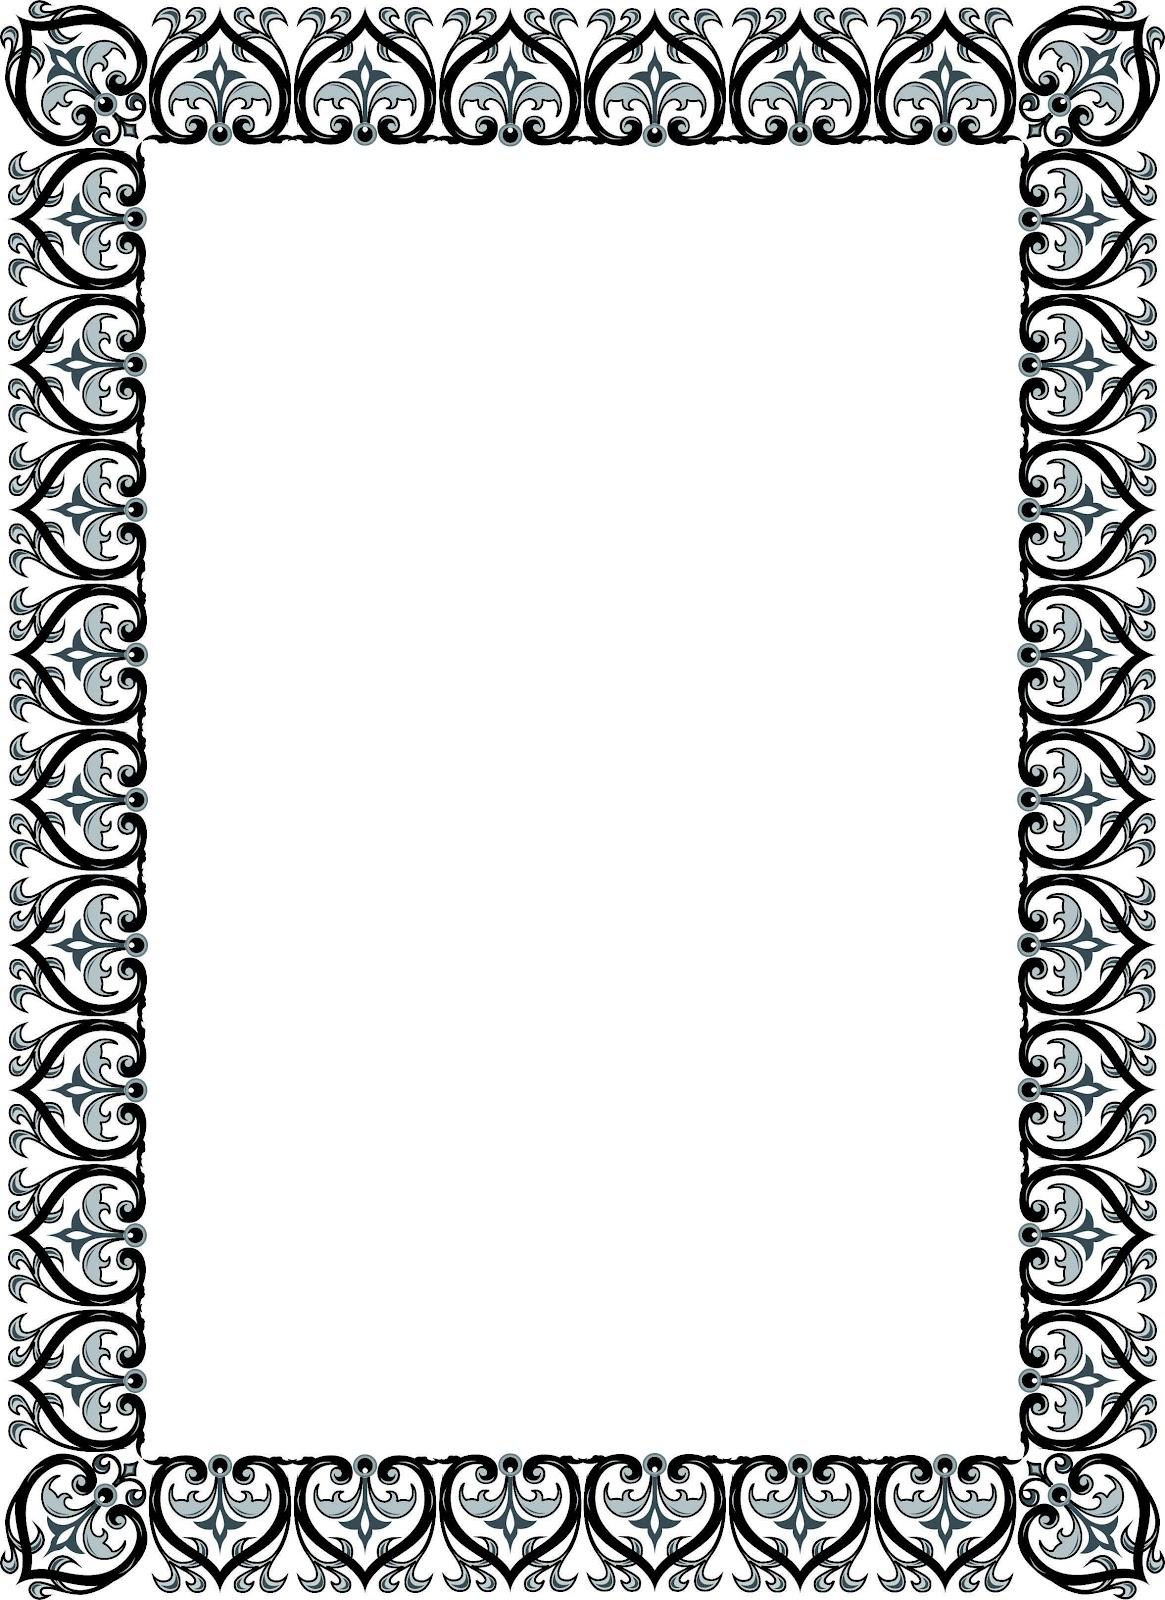 Kumpulan Template Motif Border Undangan likewise 2016 06 01 archive moreover Bingkai Undangan Frame Border Gambar besides YmluZ2thaS1mb3RvLWNhbnRpaw as well Kumpulan Template Motif Border Undangan. on contoh bingkai undangan